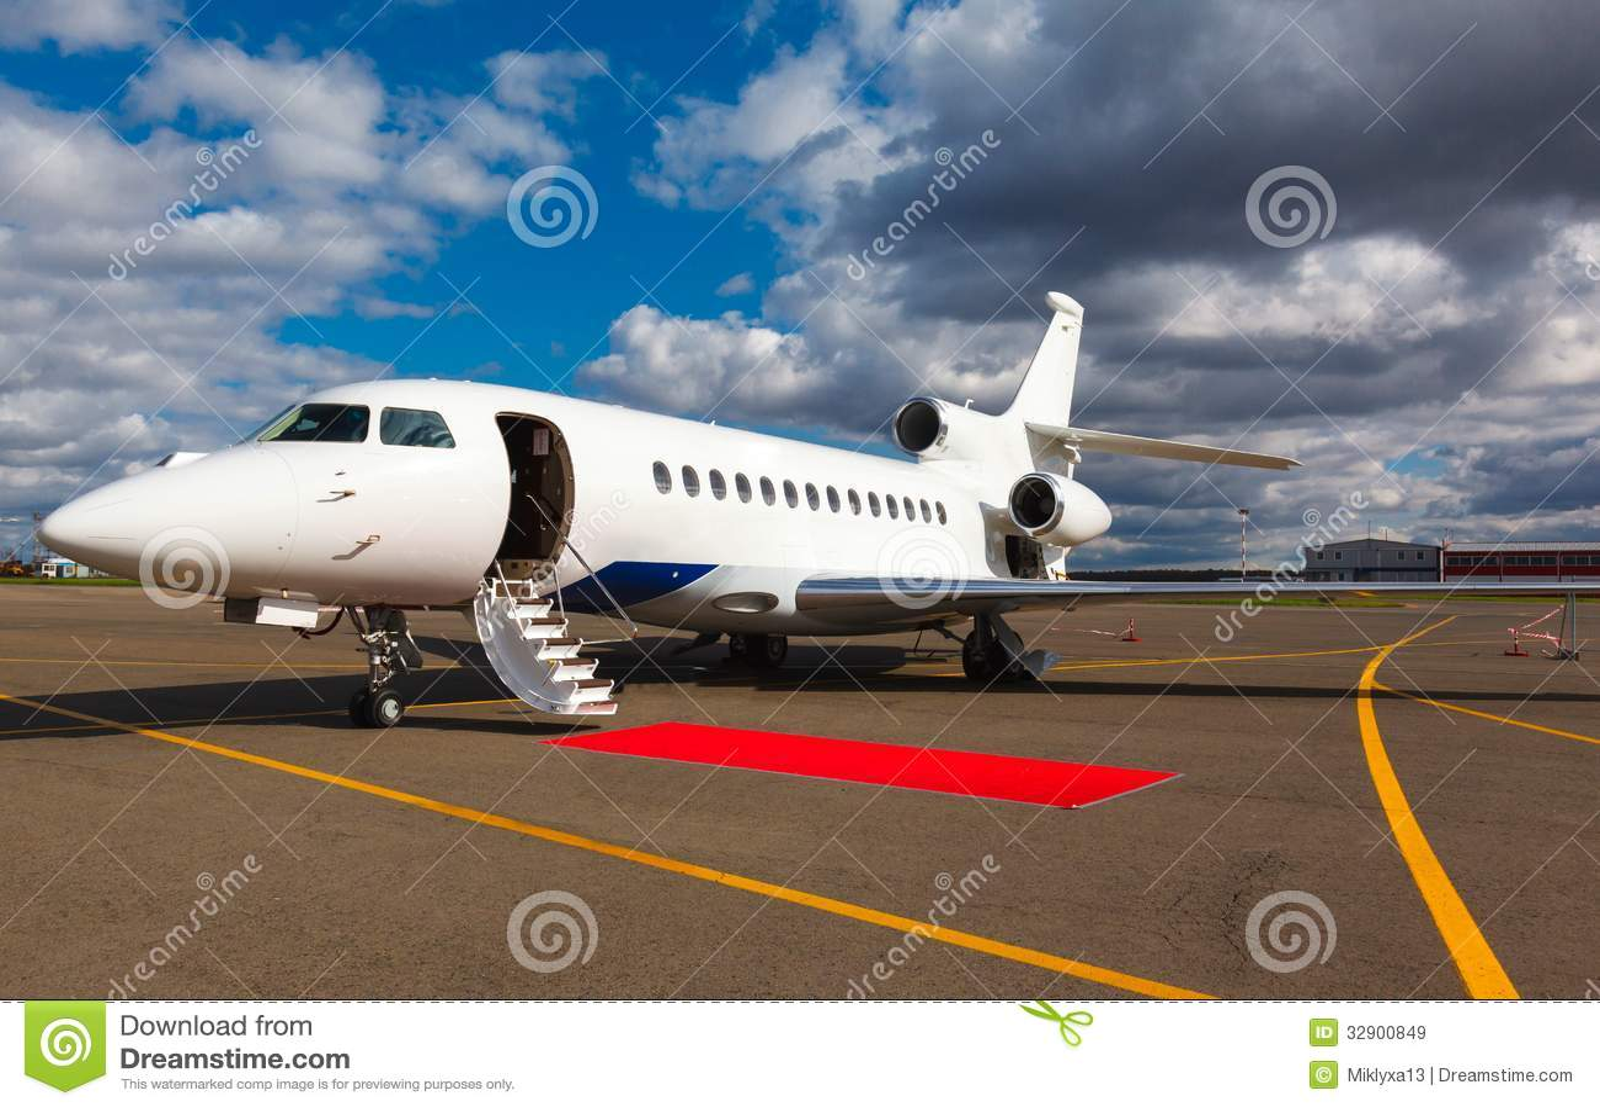 在一个私人喷气式飞机的梯子